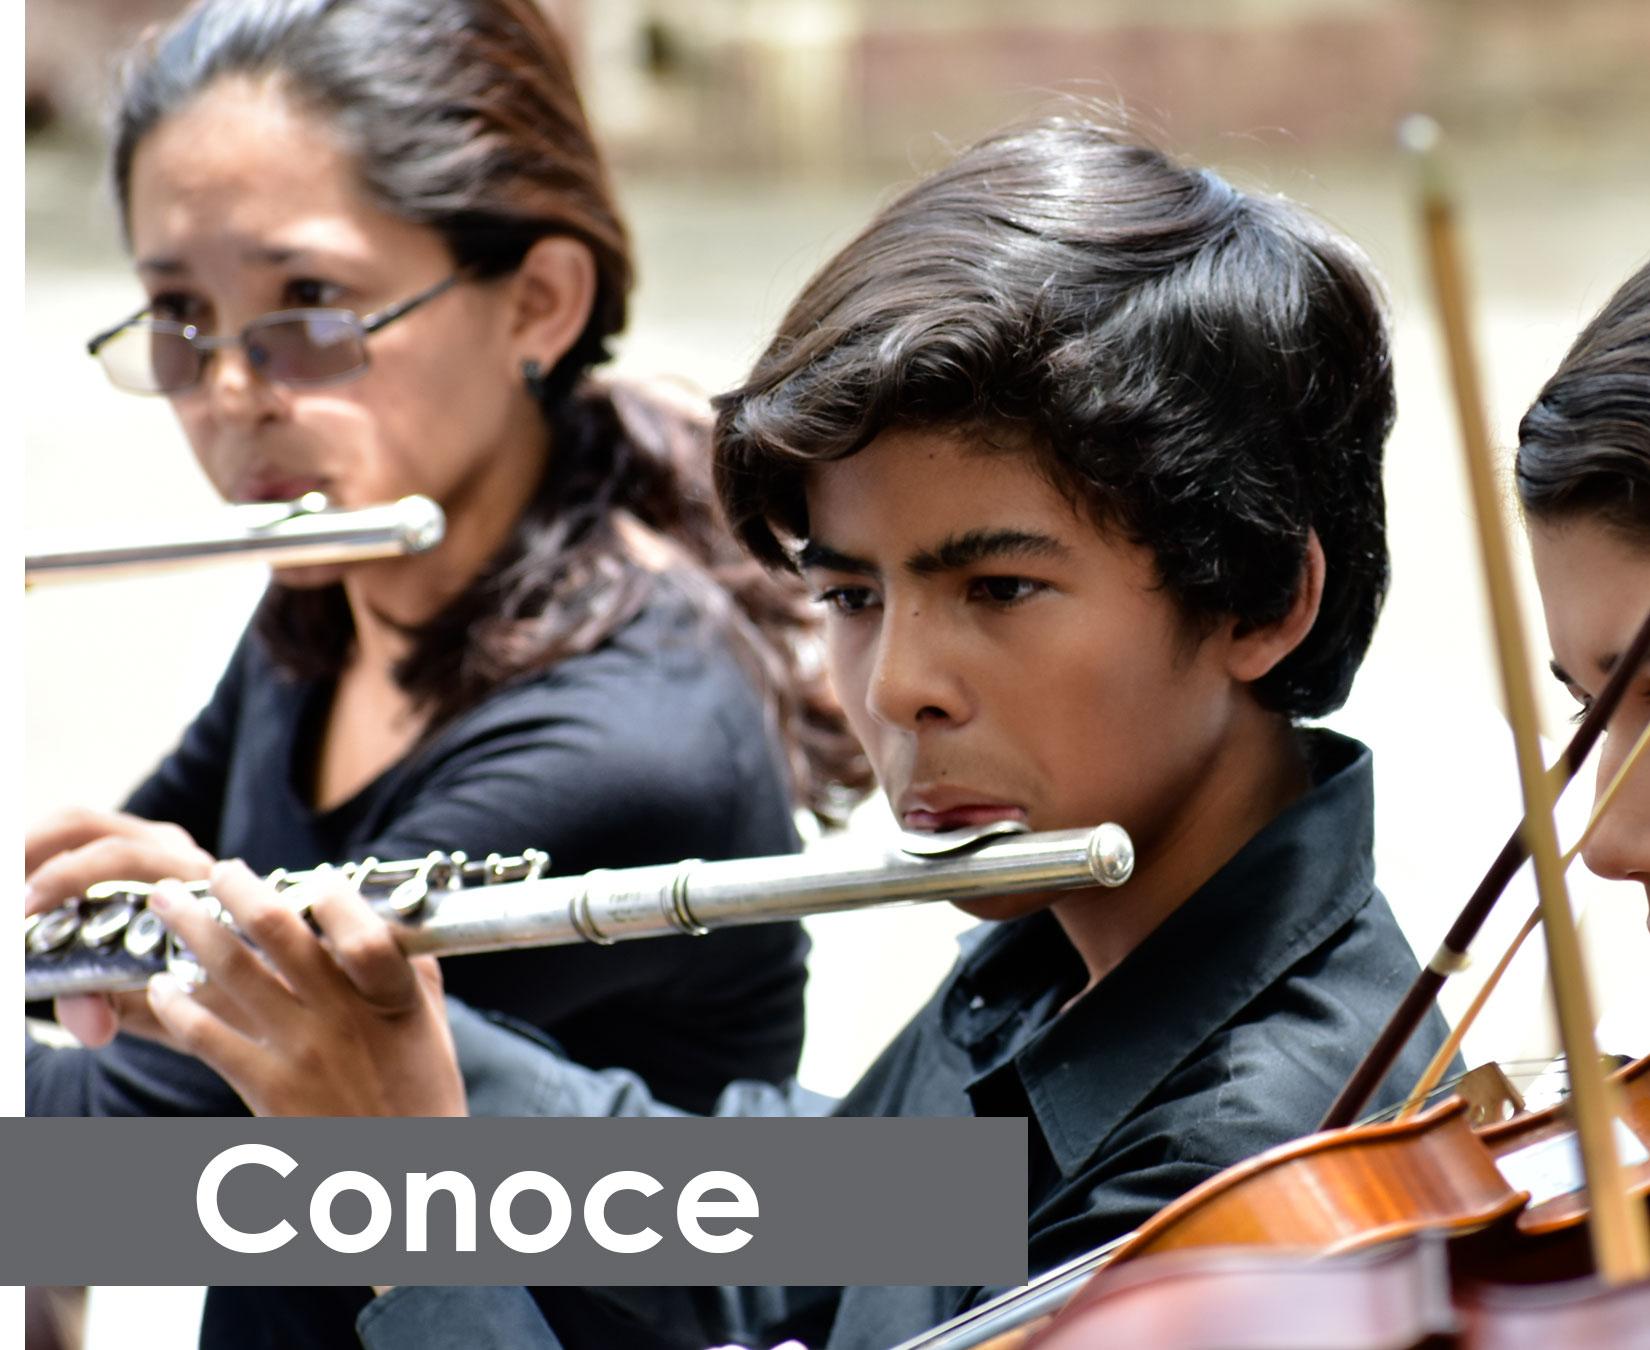 Conoce_1